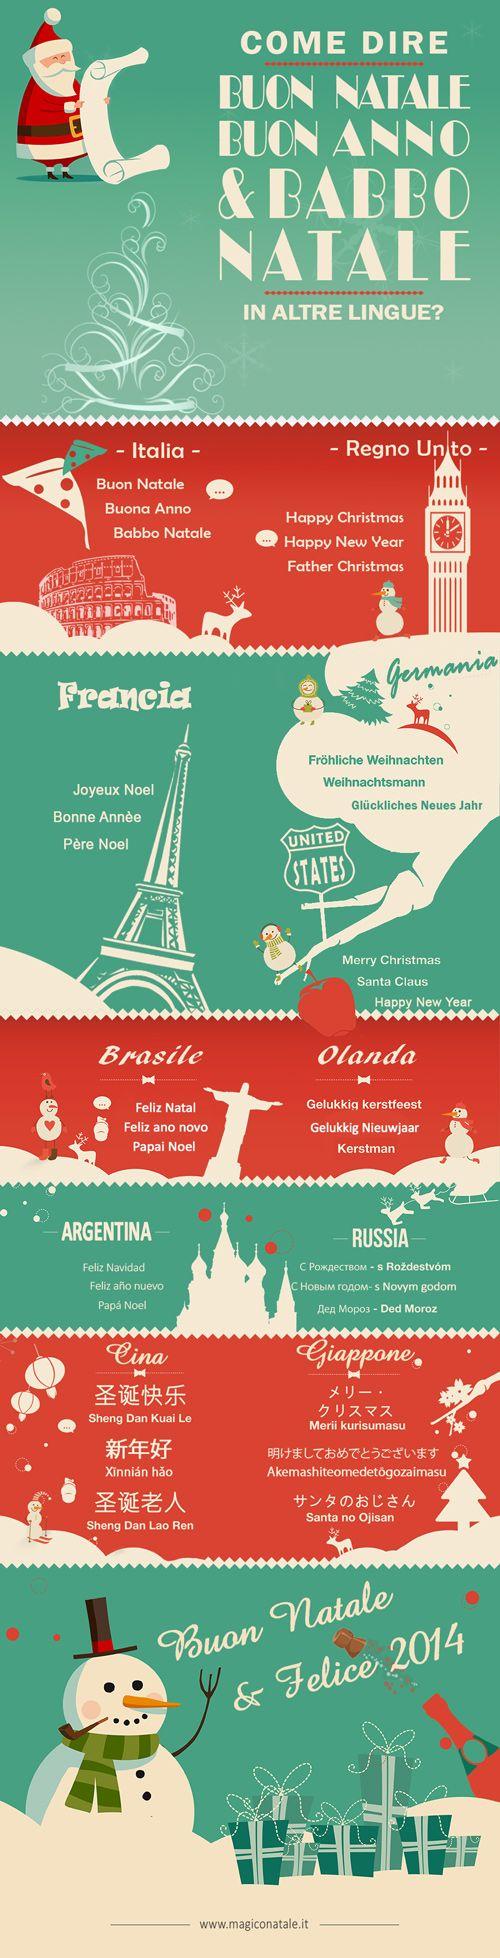 Una piccola e divertente infografica sul Natale... così da poter fare gli auguri a tutti, italiani e stranieri, in modo corretto :D